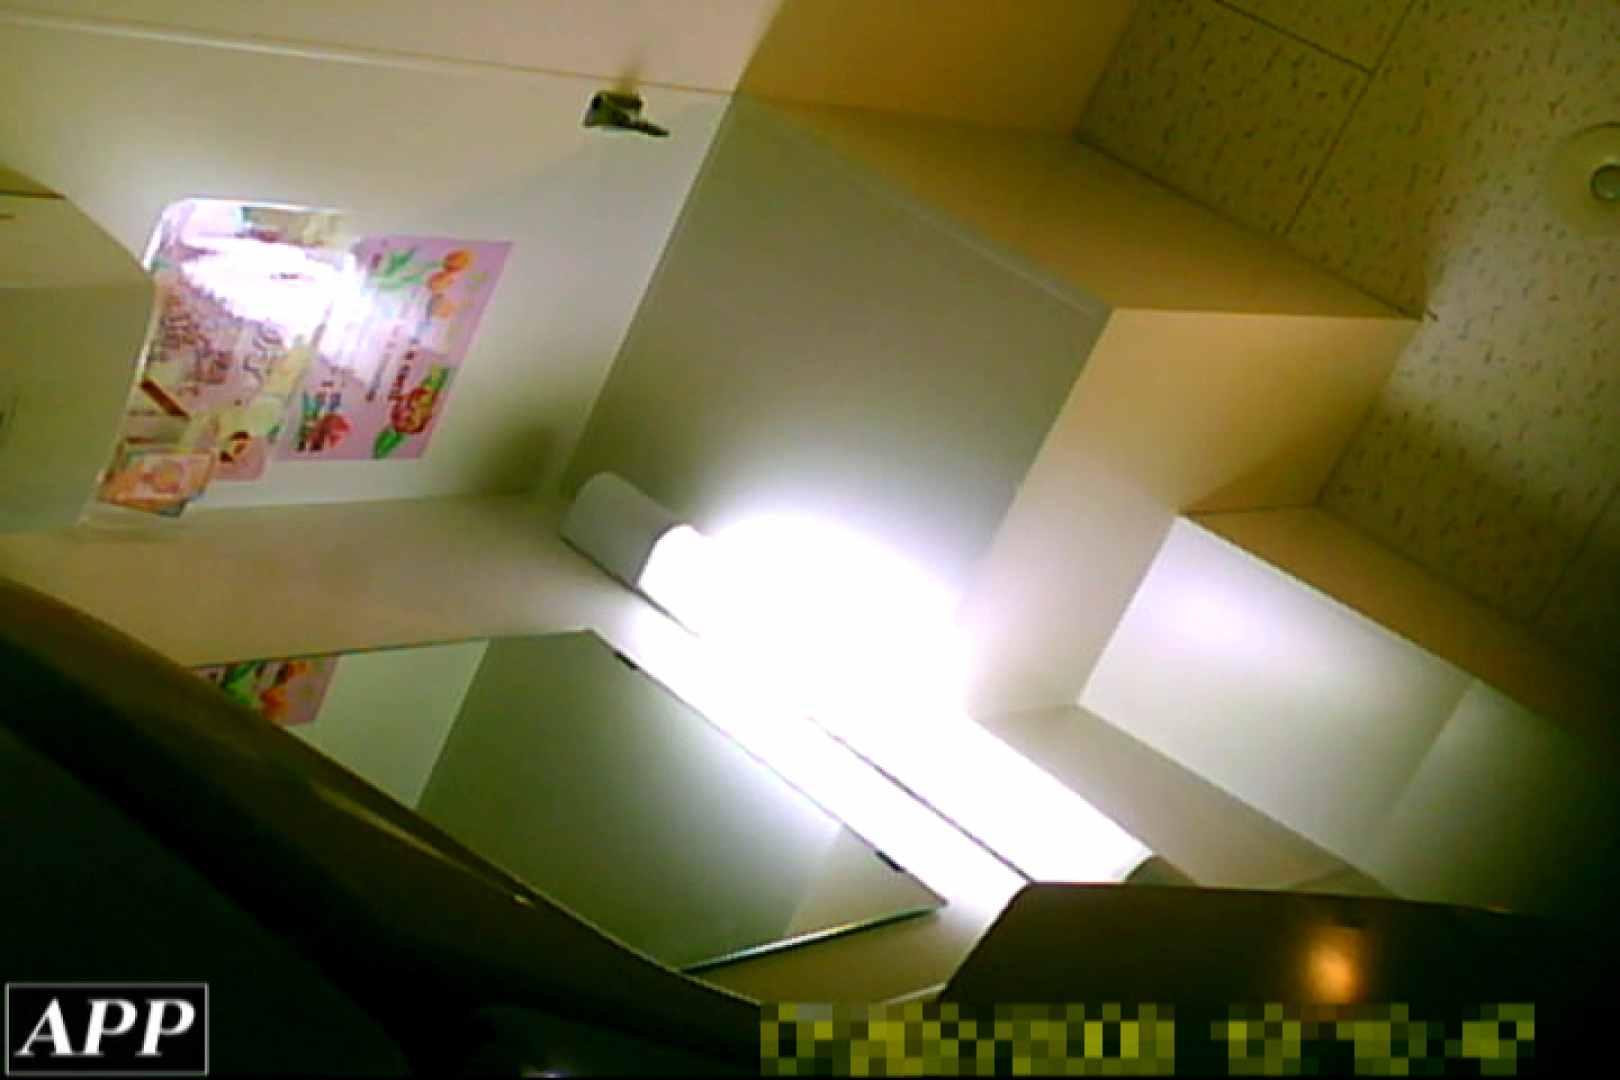 3視点洗面所 vol.131 無修正マンコ | オマンコギャル  93連発 61